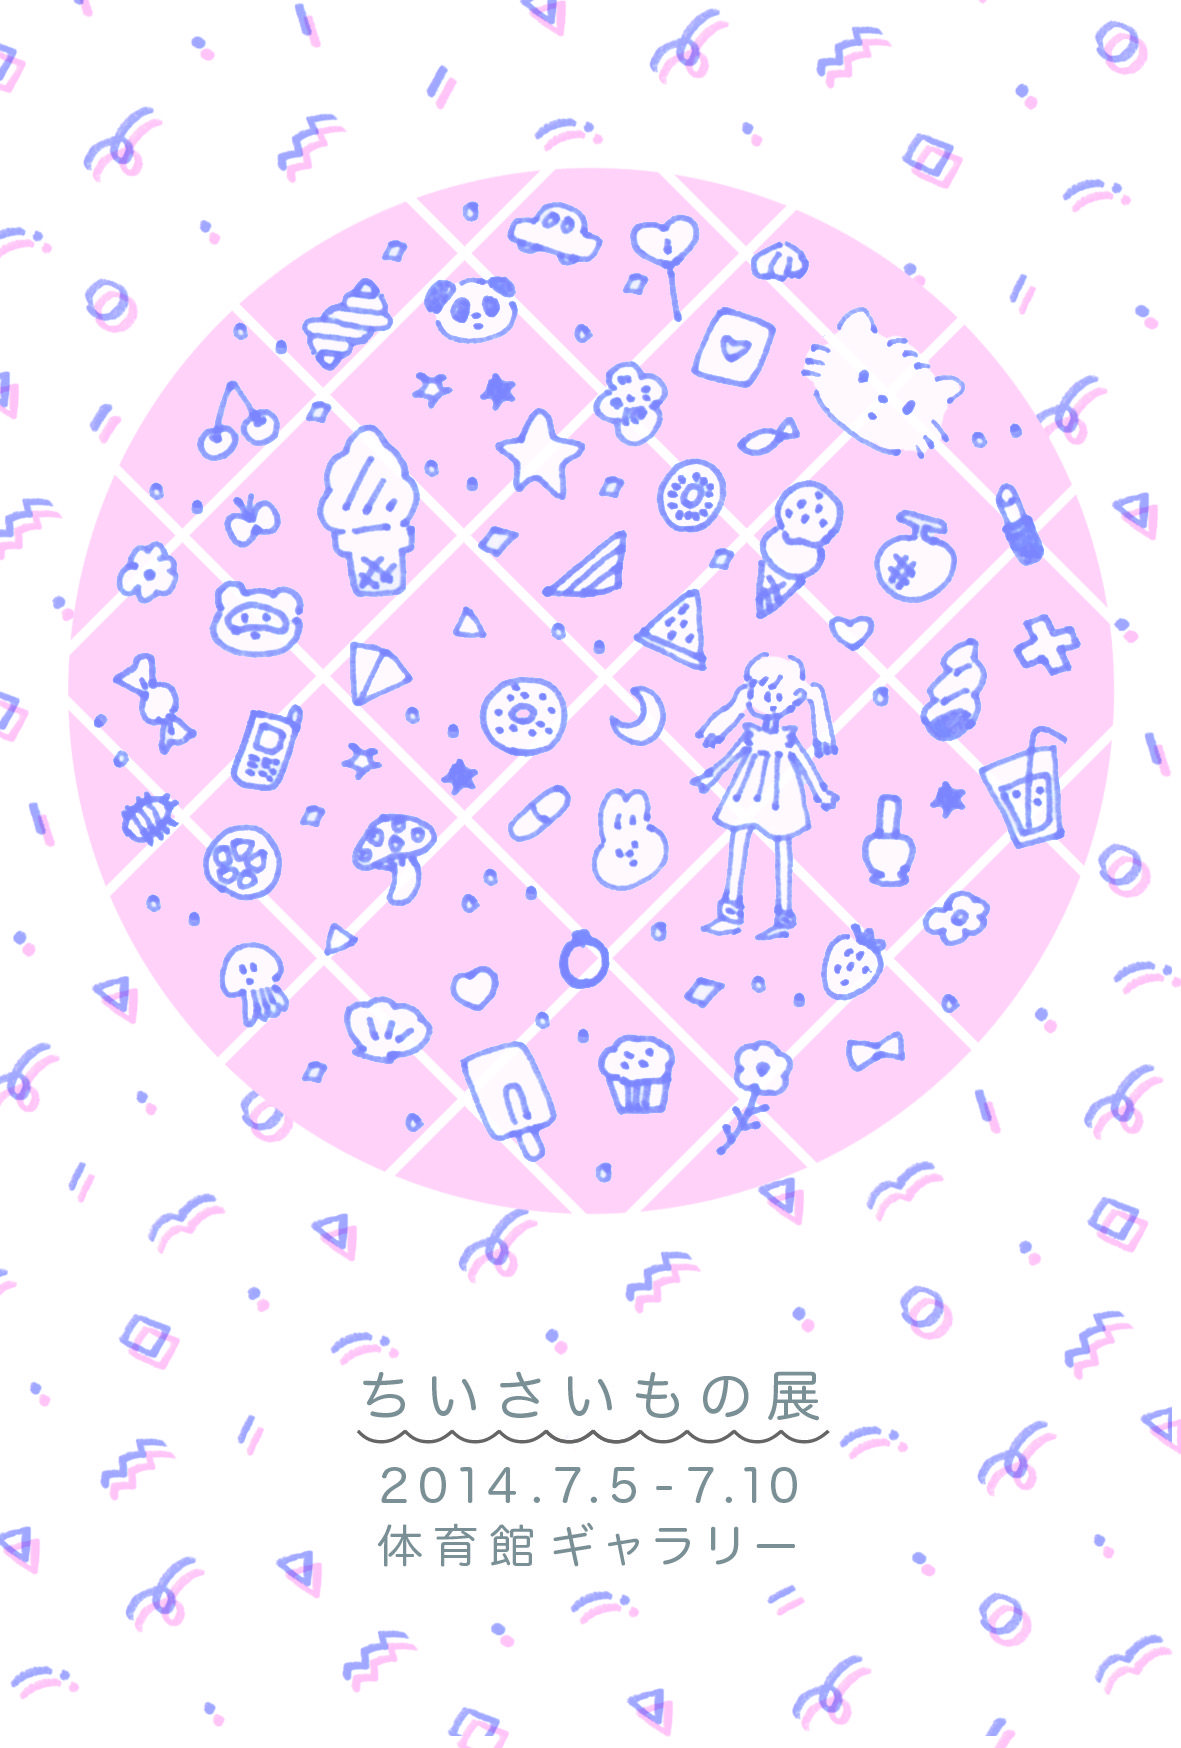 ちいさいもの展DM / 2014